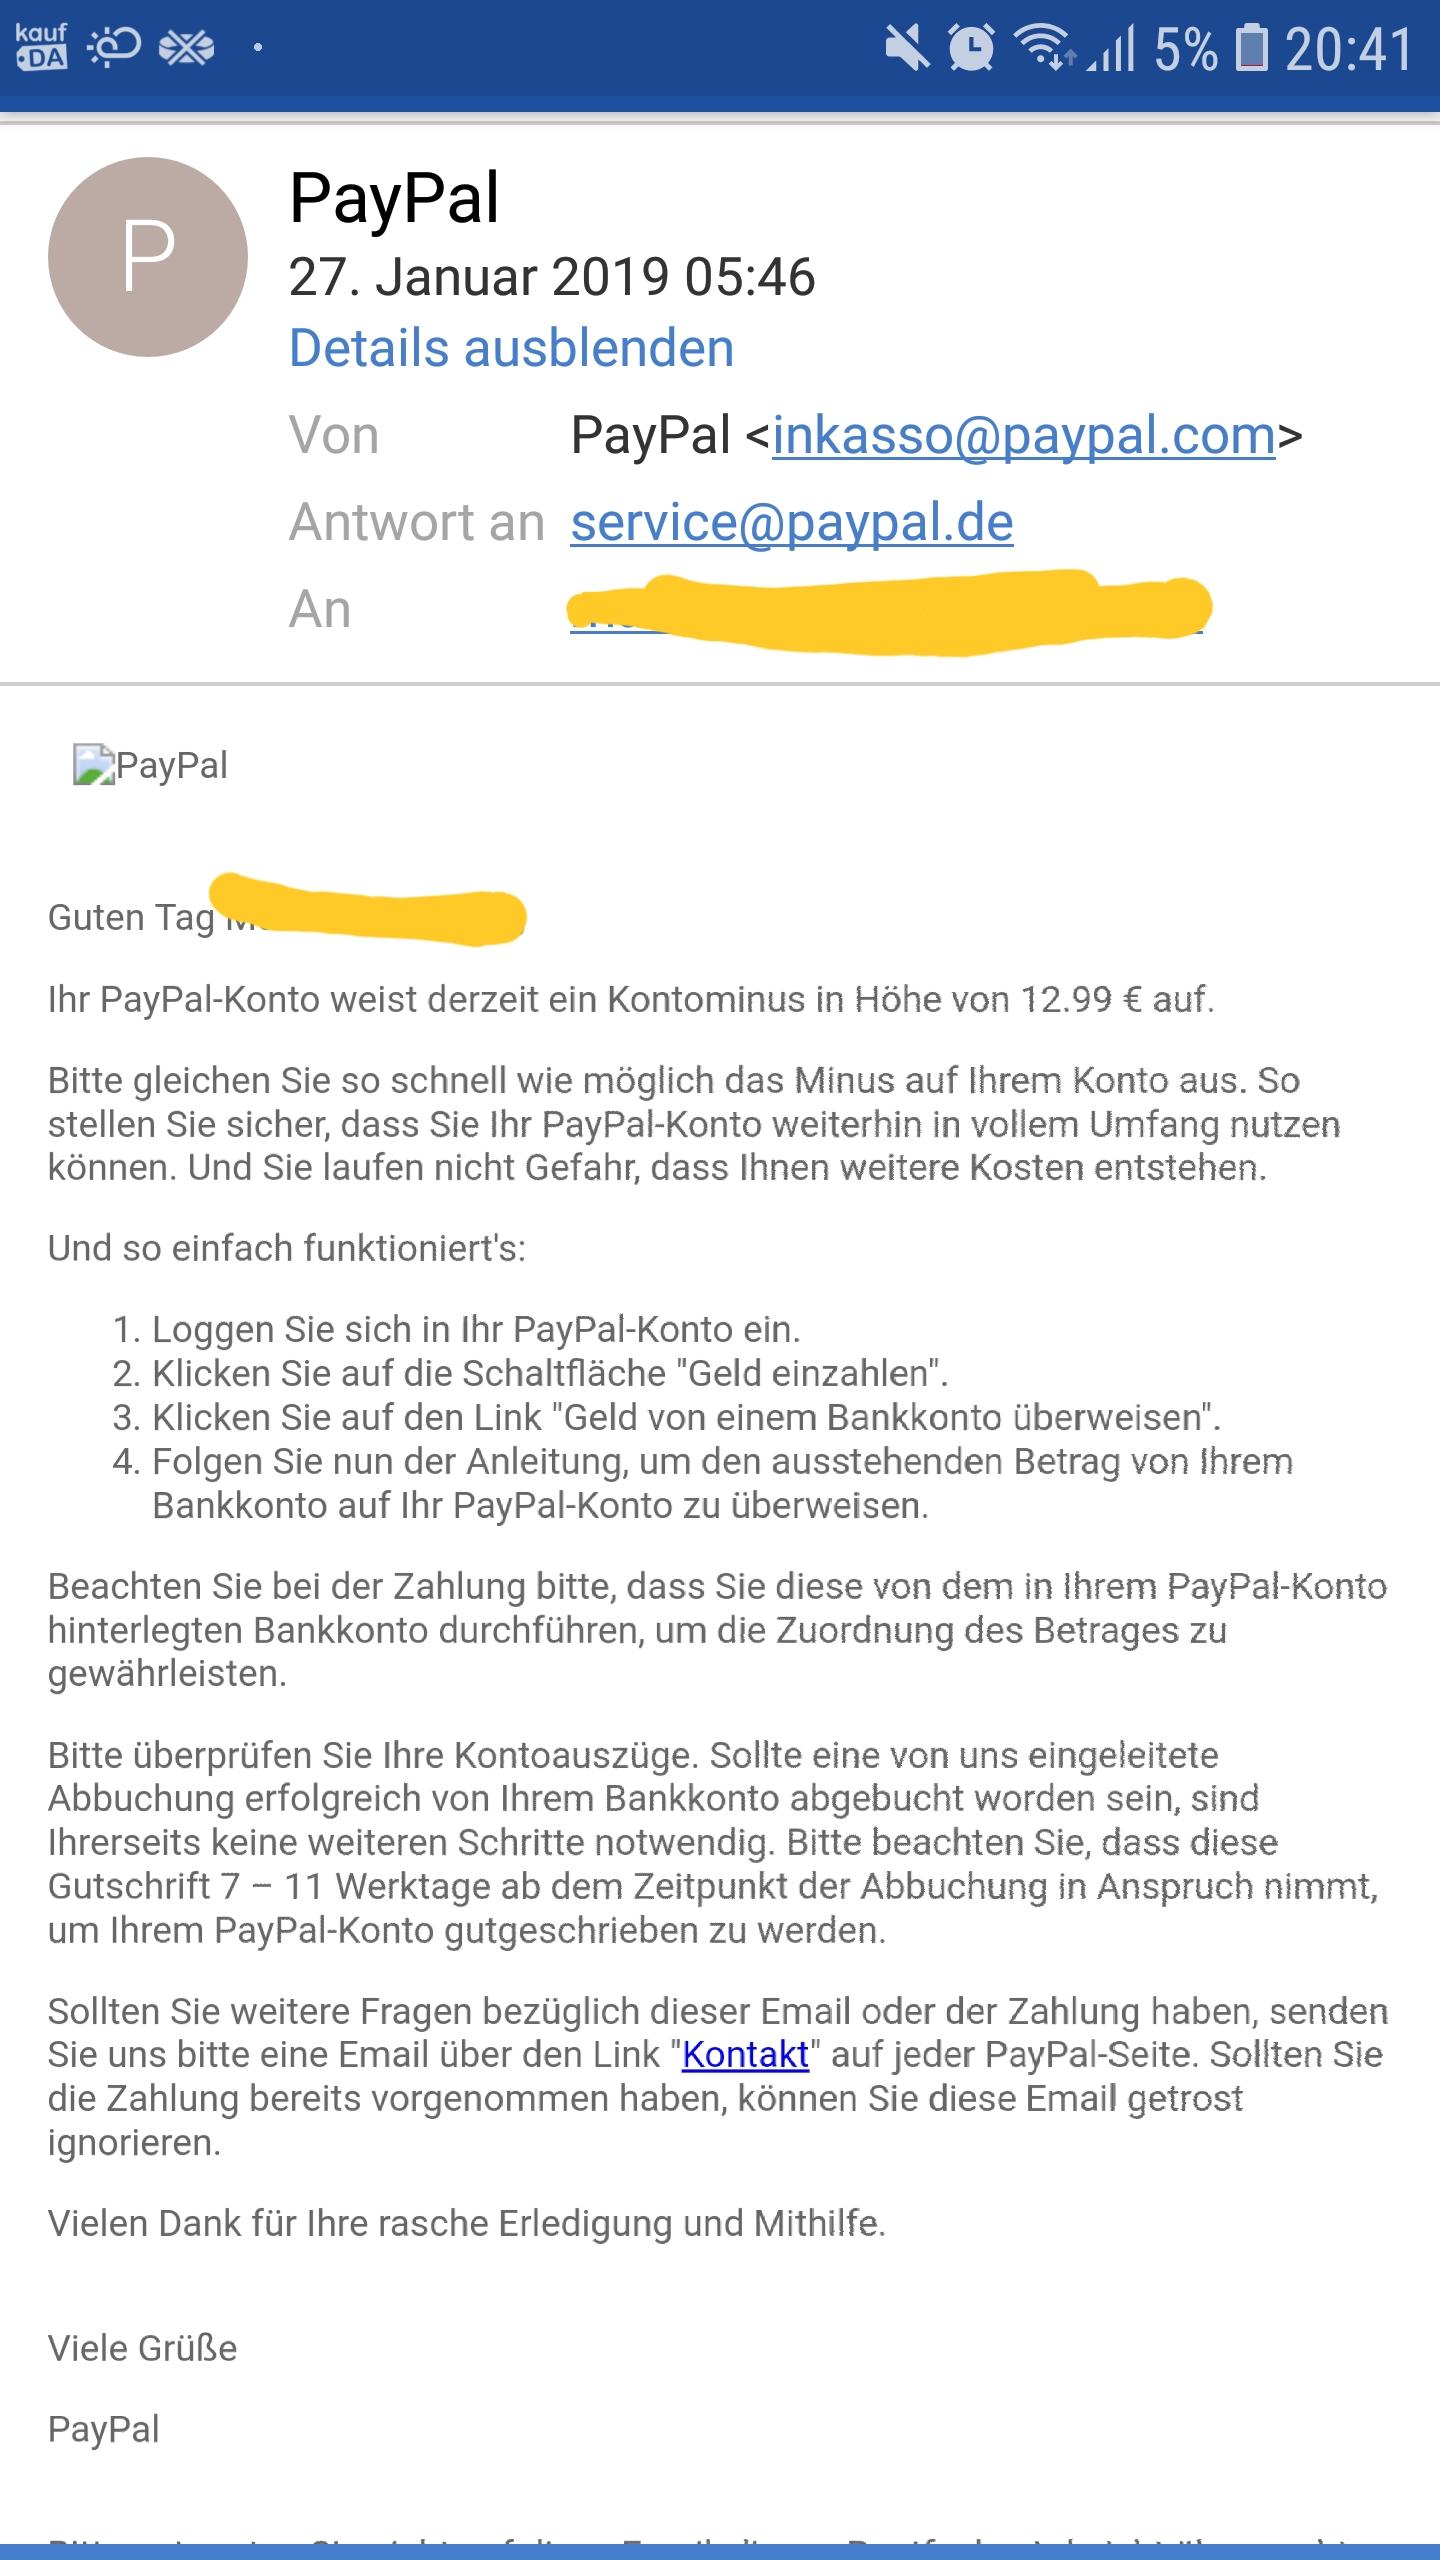 Paypal Rechnung Erstellen : inkassobrief zu fr h recht paypal rechnung ~ A.2002-acura-tl-radio.info Haus und Dekorationen